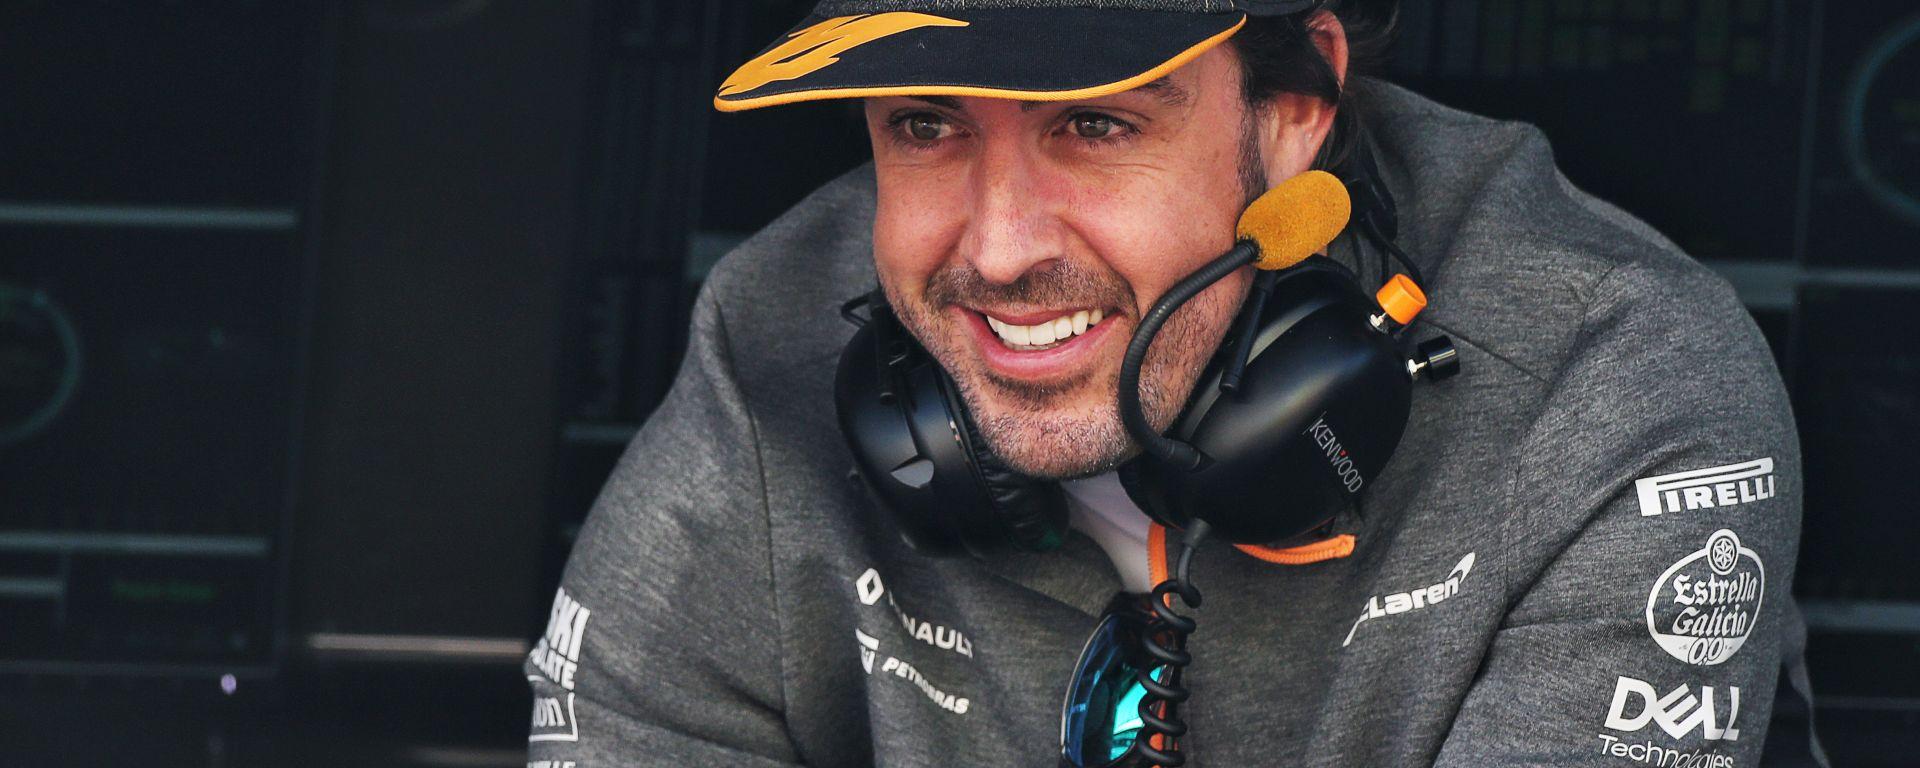 F1, Fernando Alonso nei test di Barcellona 2019 con la divisa McLaren